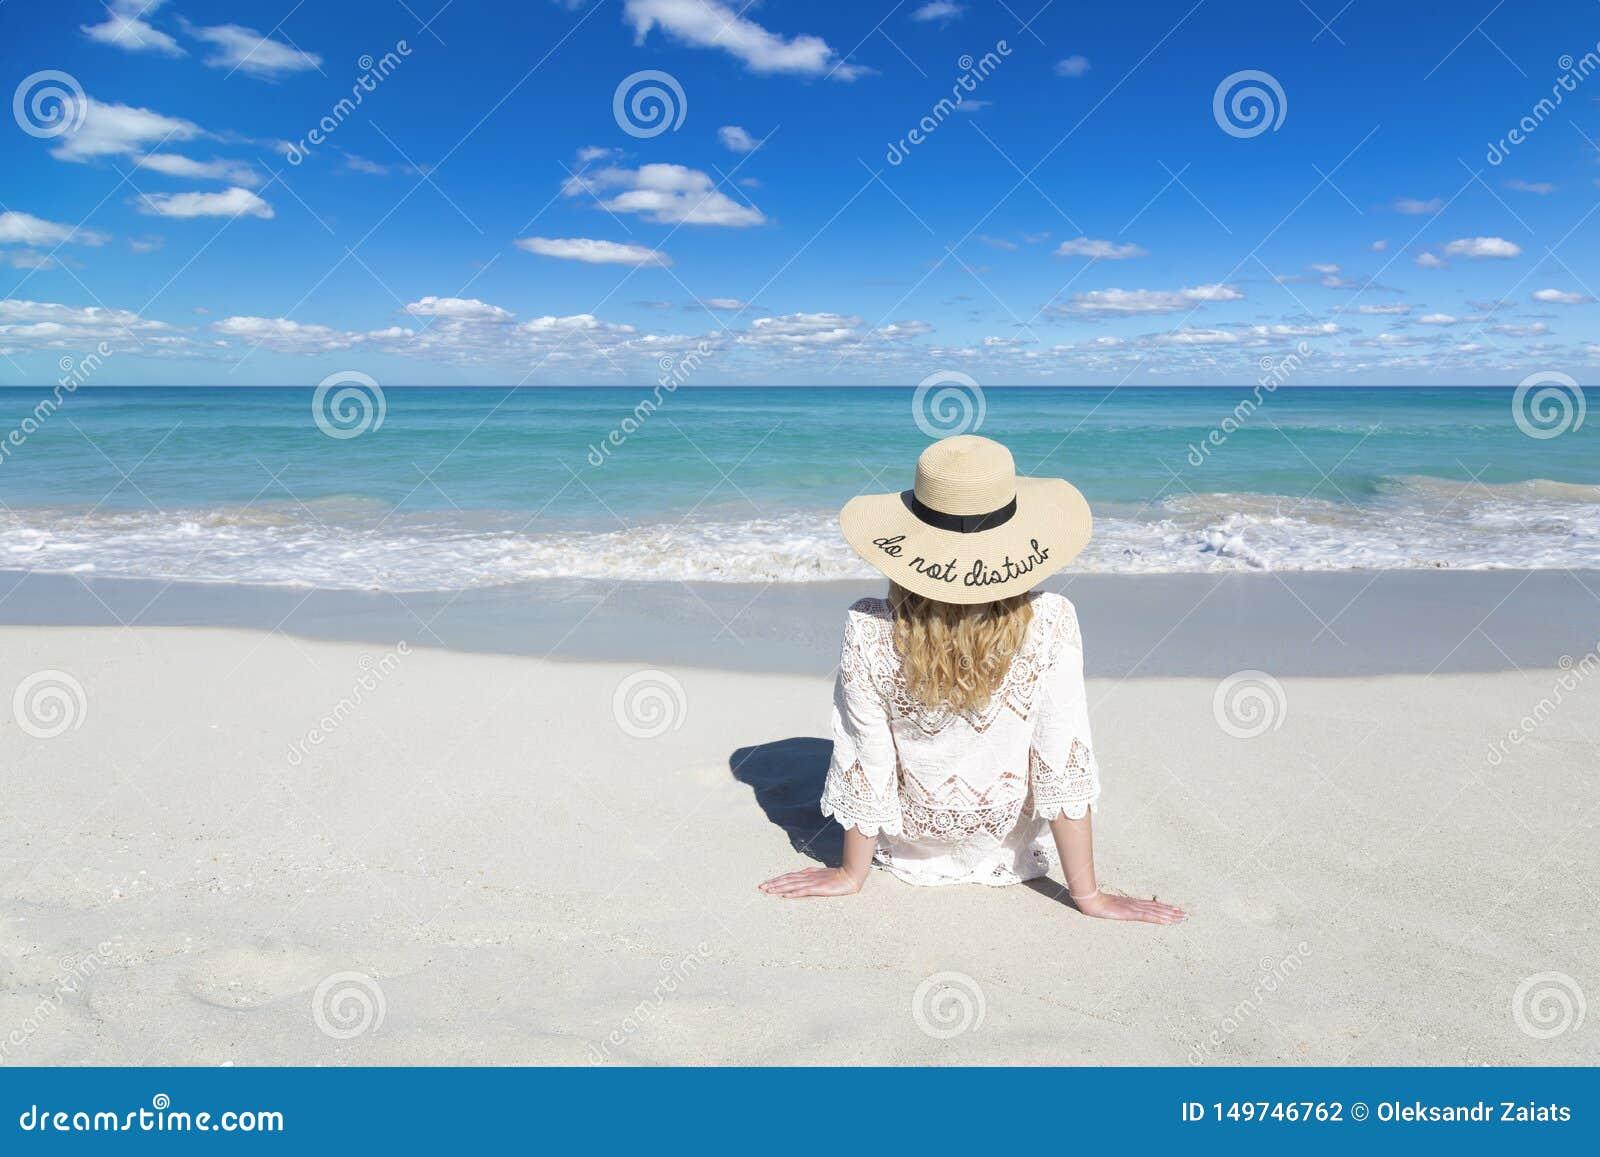 妇女坐海洋海滩在古巴,佩带的帽子,美丽的天空,并且水,不干扰,完善的背景,自由空间